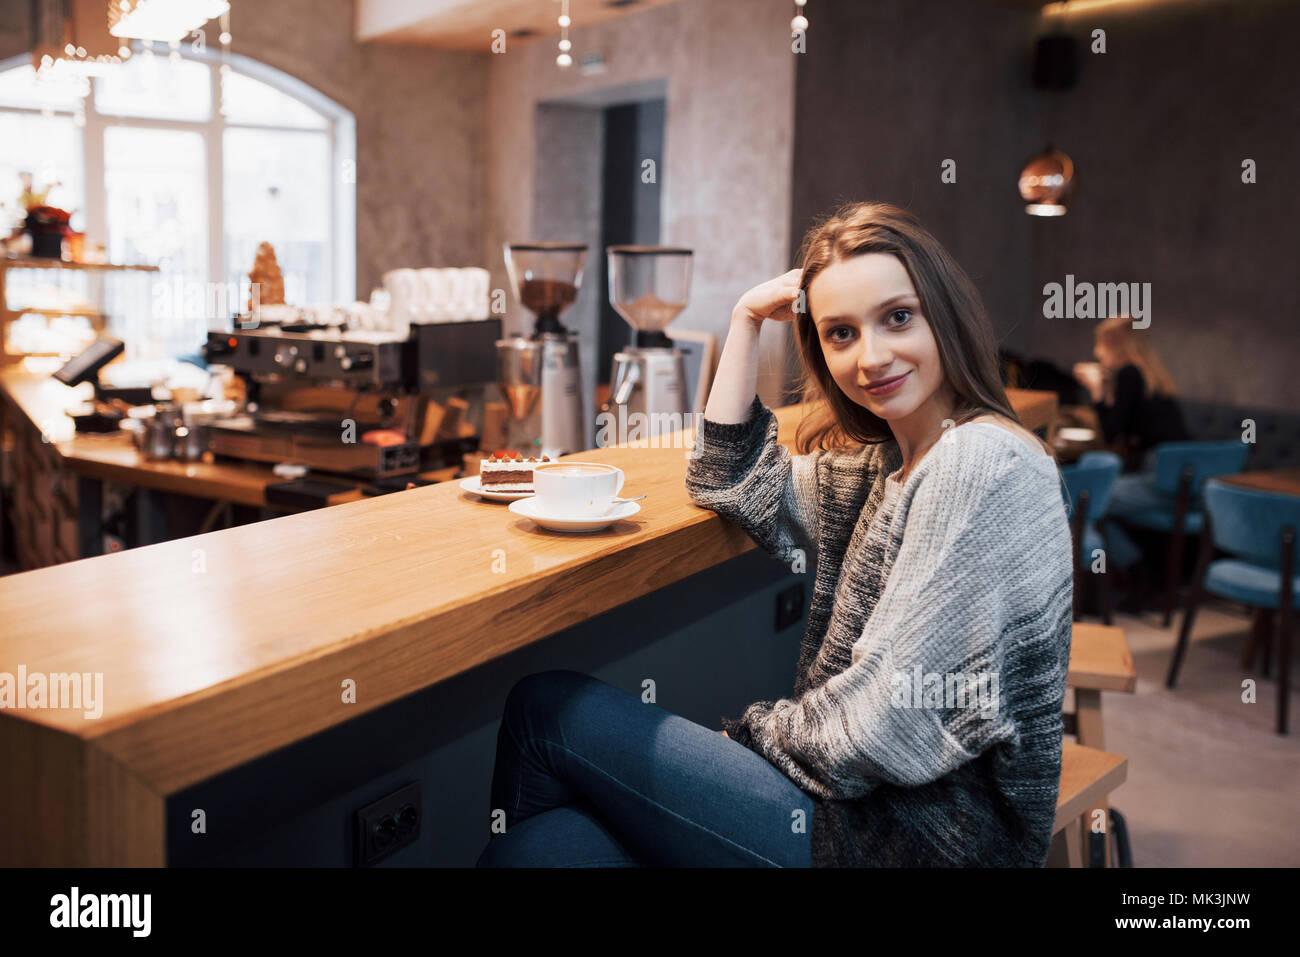 Belle jeune femme assise en milieu urbain à l'intérieur d'un café. Cafe sur le mode de vie. Portrait de jeune fille adolescente occasionnels. Tonique. Banque D'Images